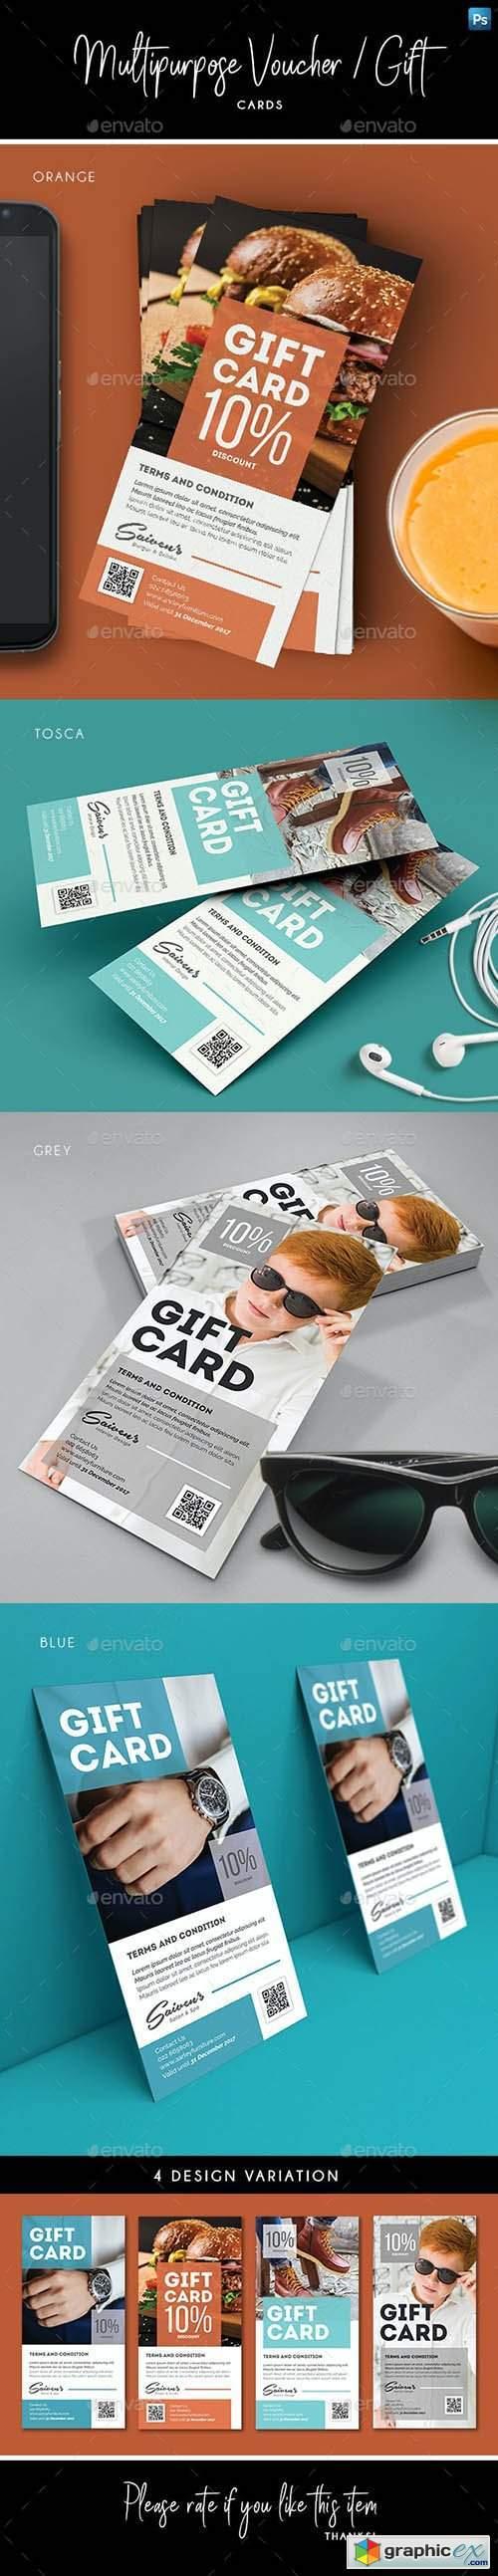 Multipurpose Voucher / Gift Card 27924838